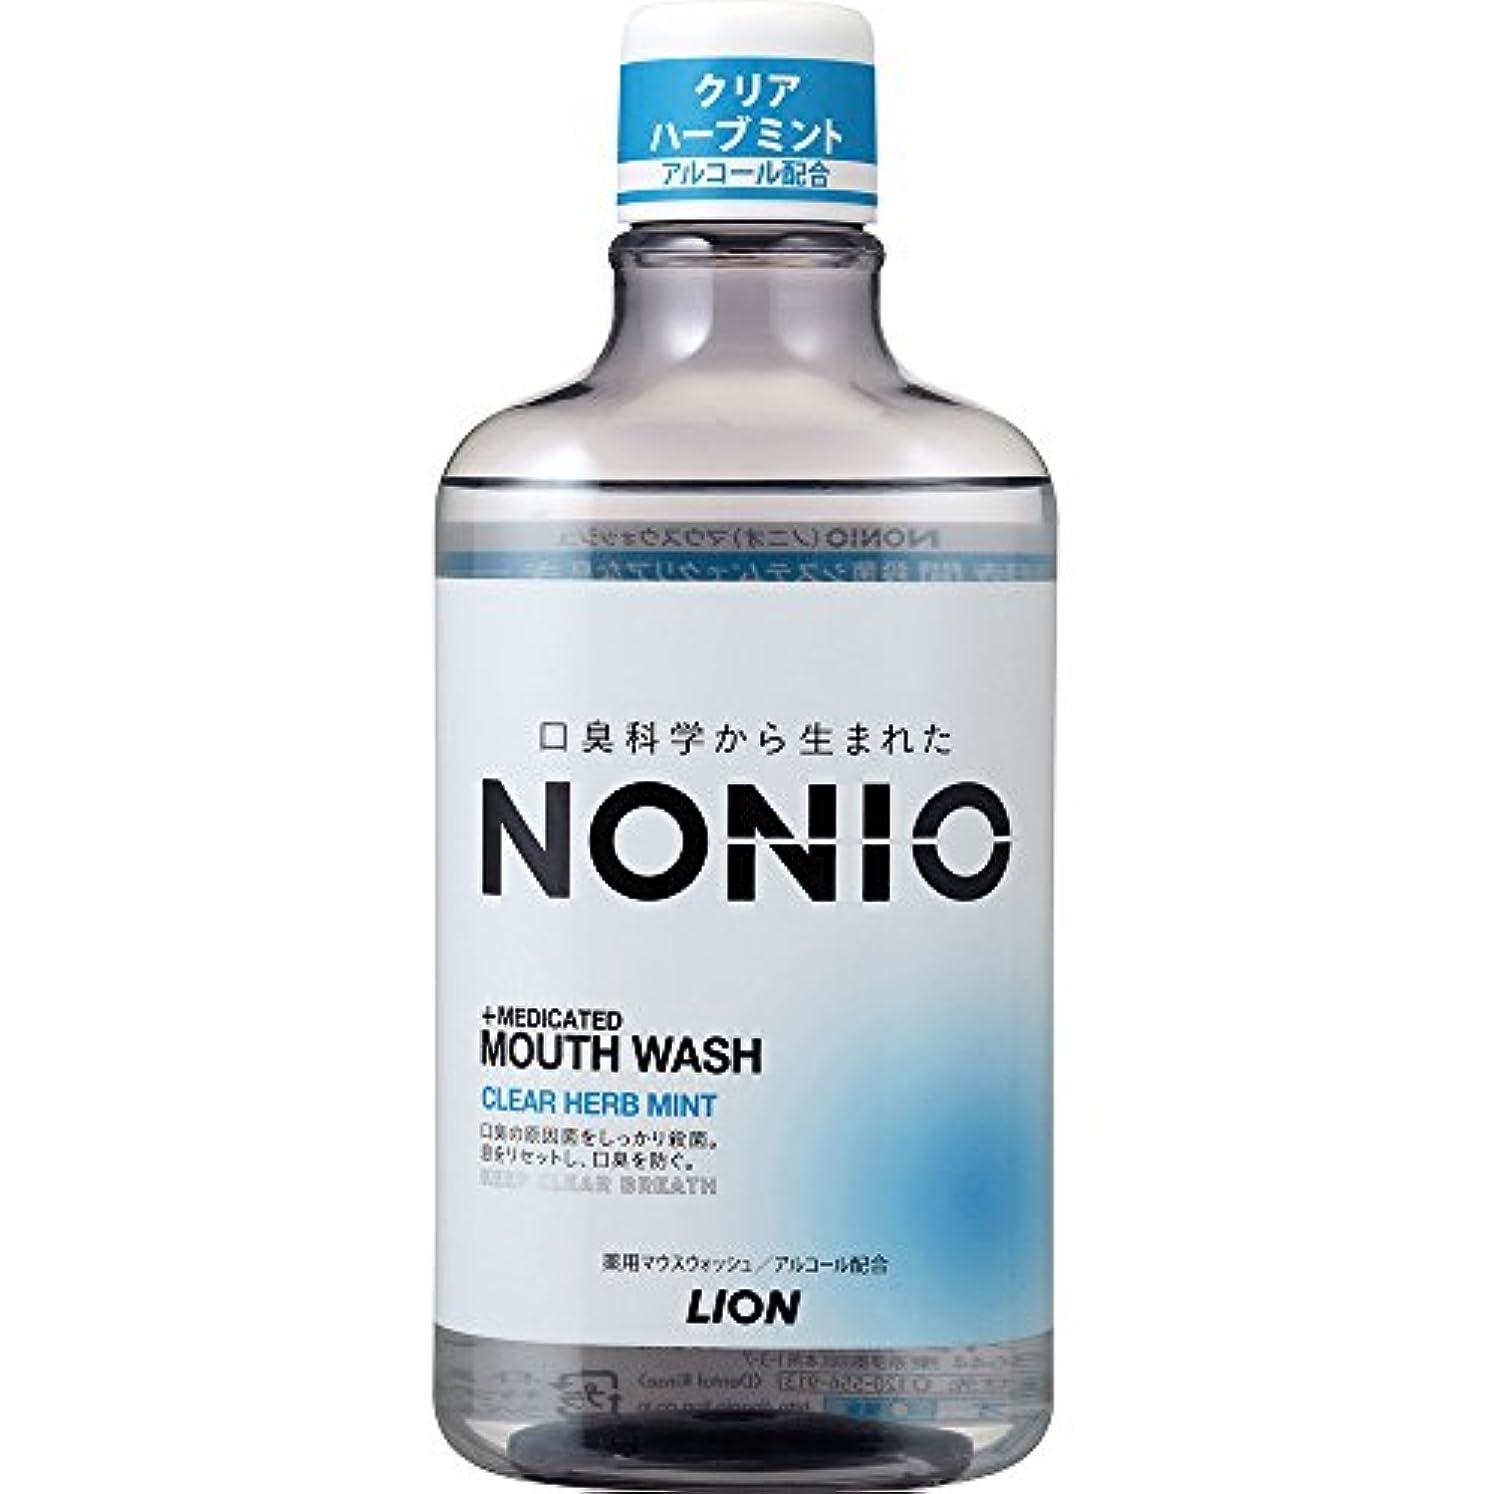 装置ささやきサーキットに行く[医薬部外品]NONIO マウスウォッシュ クリアハーブミント 600ml 洗口液